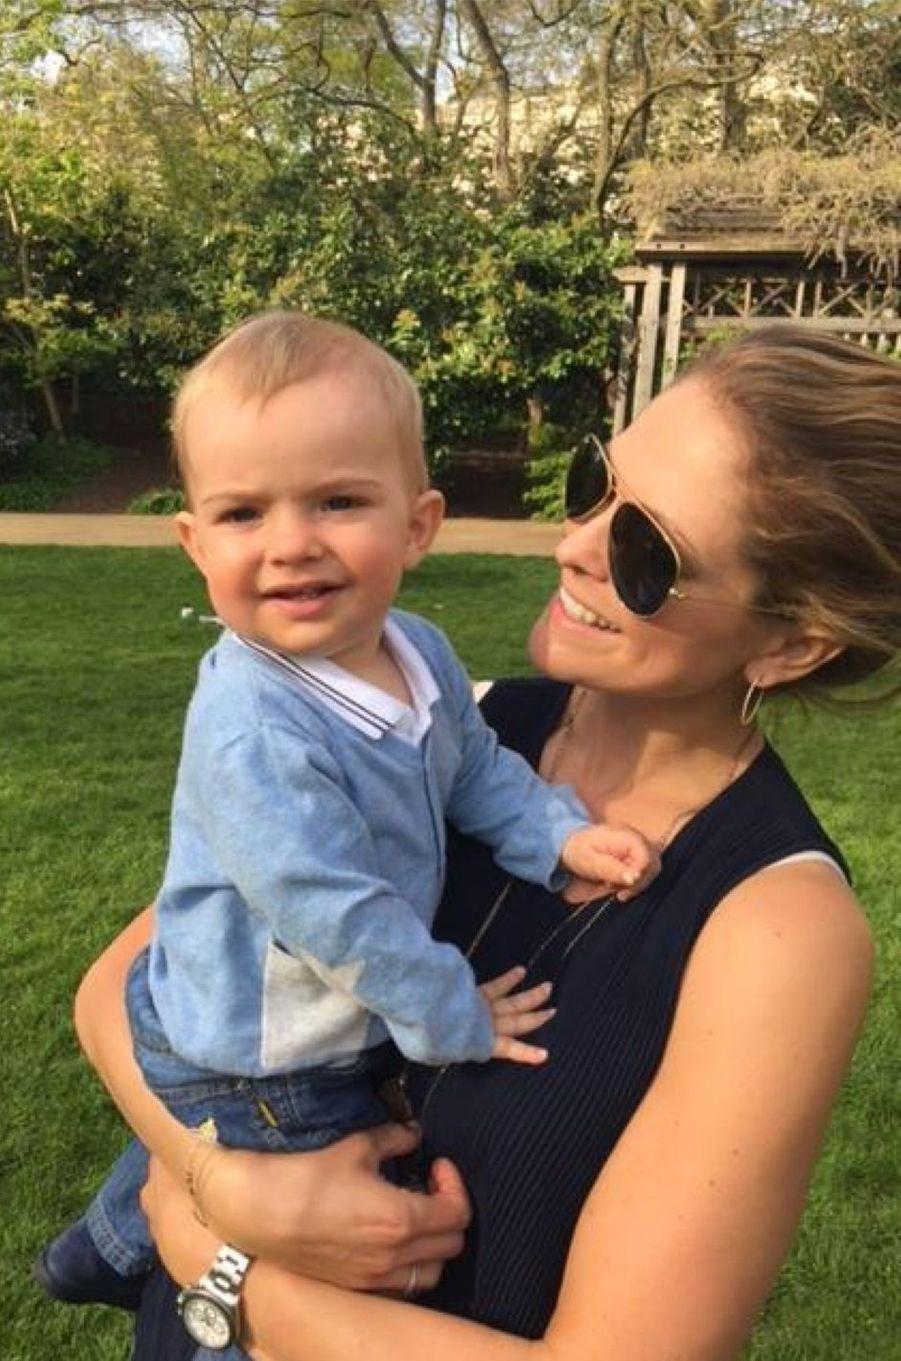 Le prince Nicolas de Suède avec sa maman, photo postée par la princesse Madeleine sur Facebook le 8 mai 2016